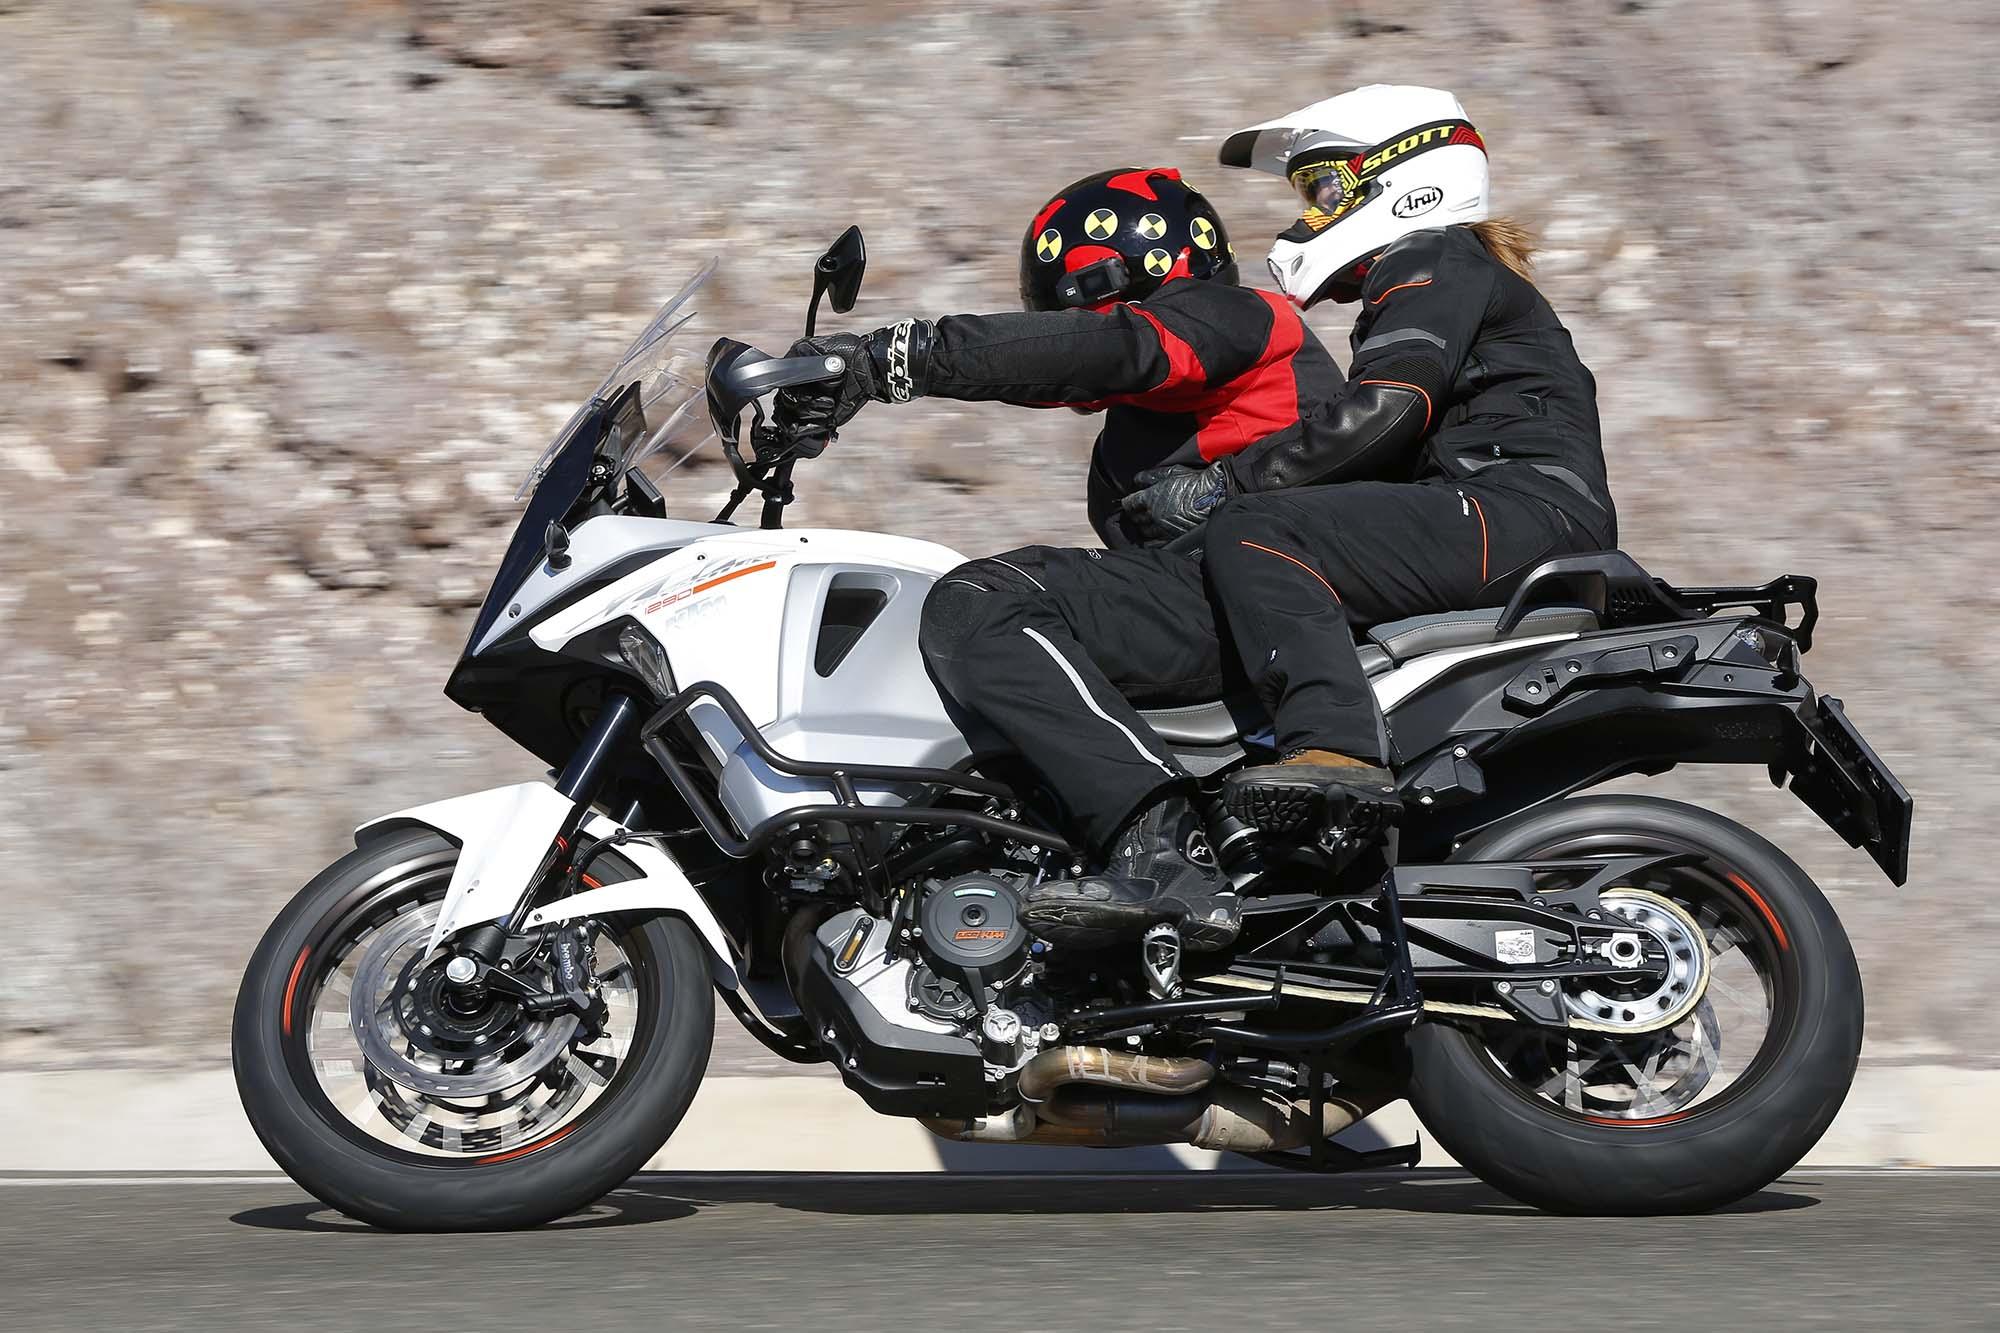 ride review ktm 1290 super adventure asphalt rubber. Black Bedroom Furniture Sets. Home Design Ideas